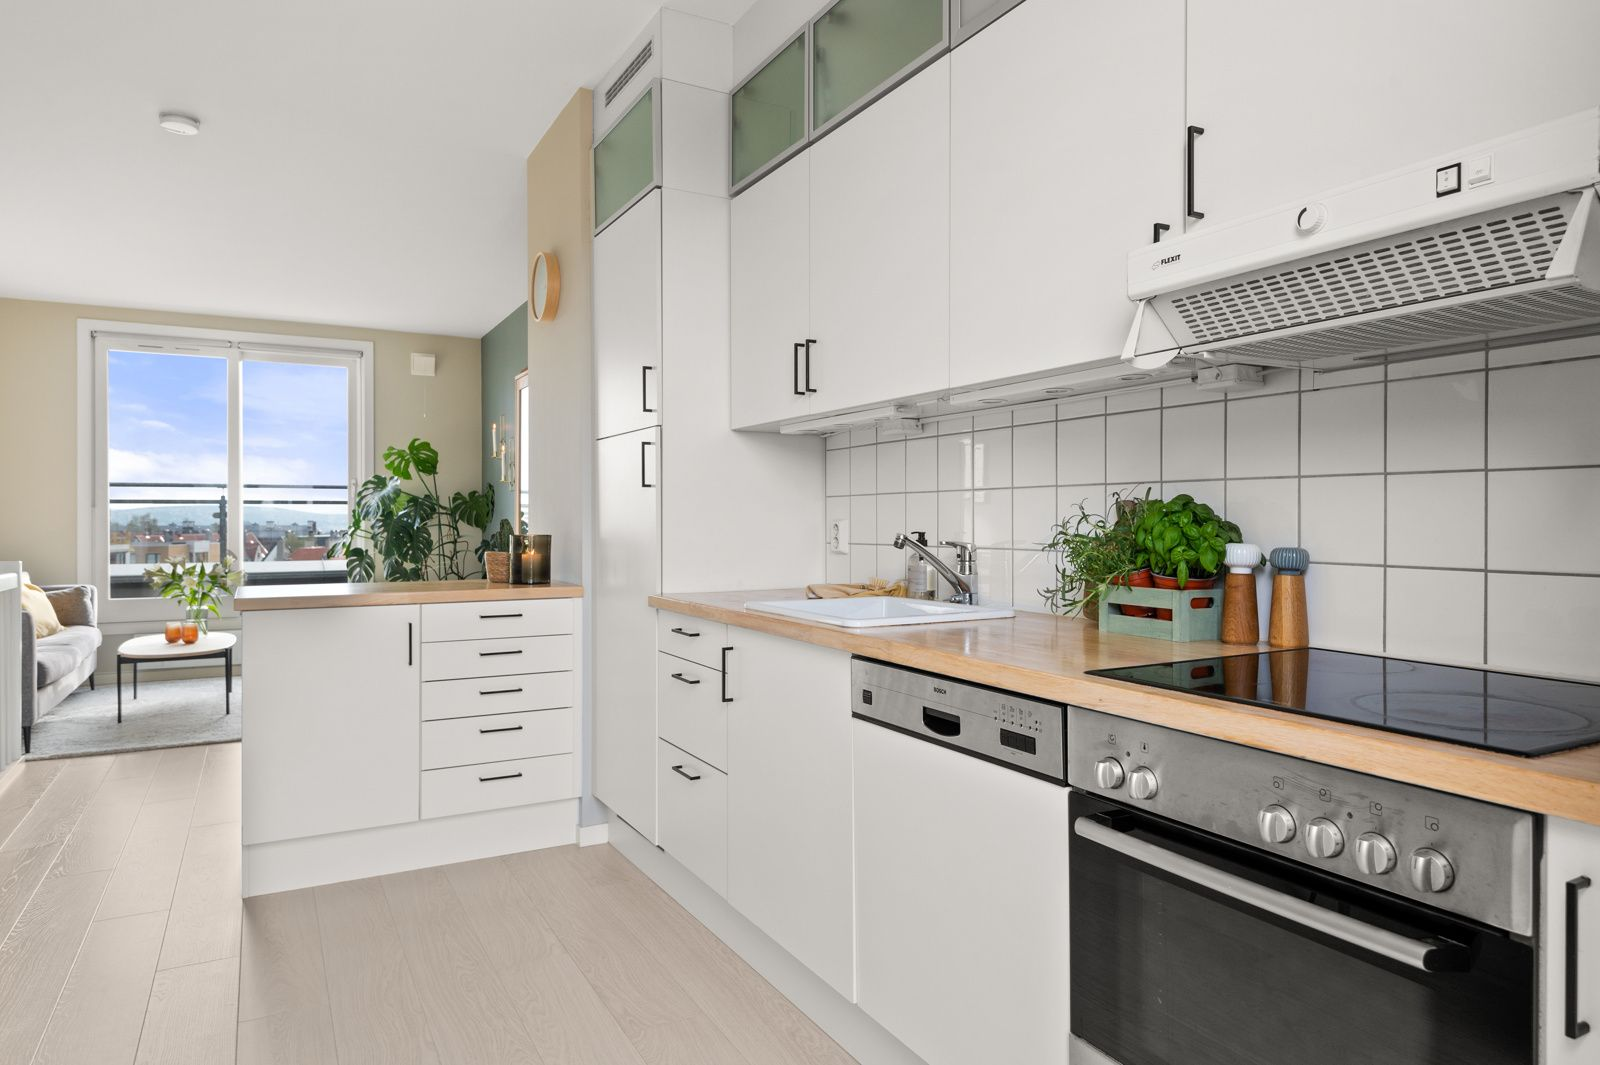 Bergensgata 36 G Kjøkkenet er fullt utstyrt med integrerte hvitevarer som medfølger i handelen. Integrerte hvitevarer som stekeovn, platetopp og oppvaskmaskin fra Bosch og kjøleskap.